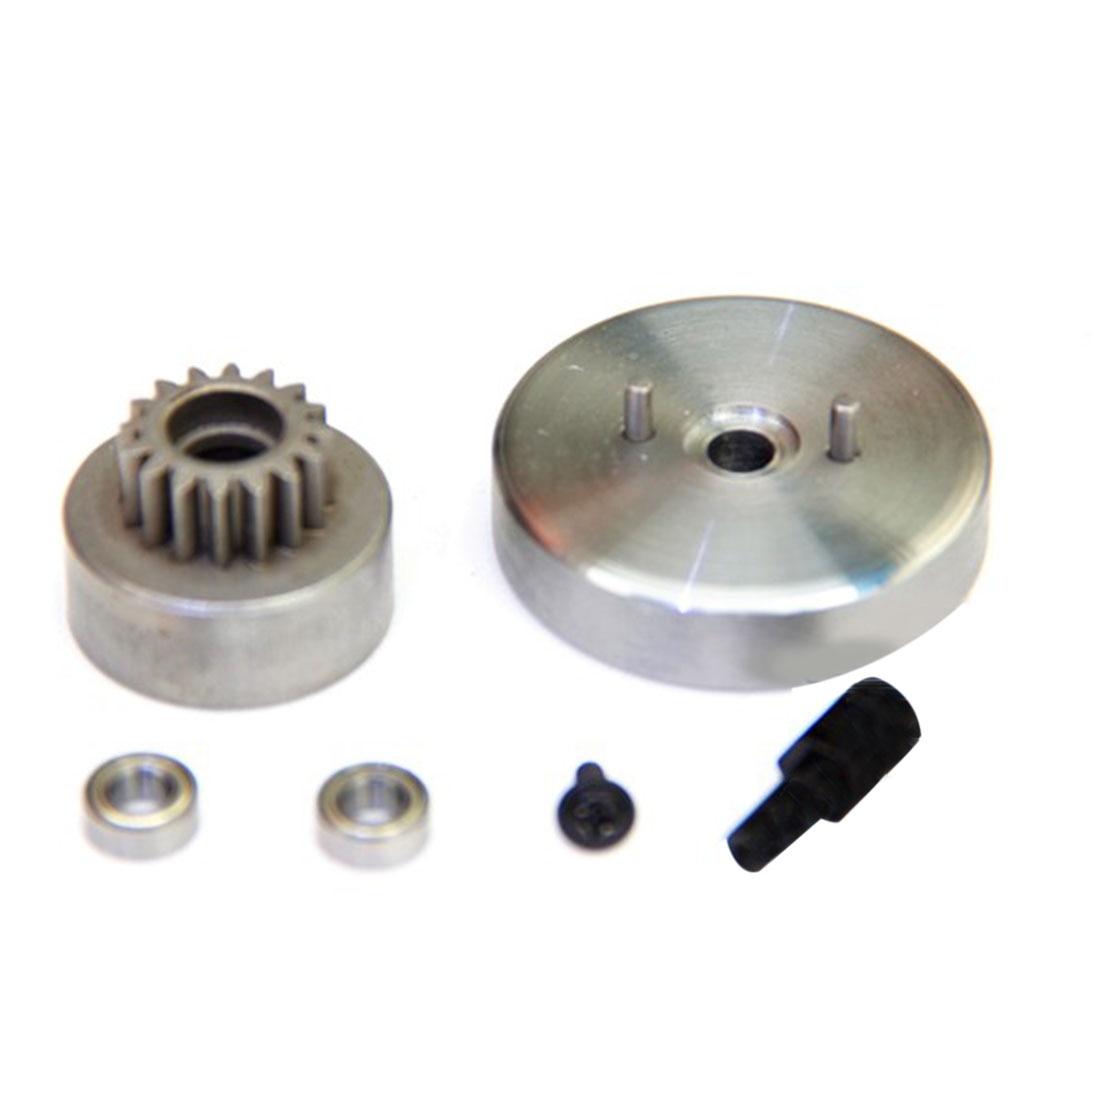 Toyan Engine Single Gear Clutch Modified Kit For Toyan FS-S100 FS-S100G FS-S100(W)FS-S100G(W)